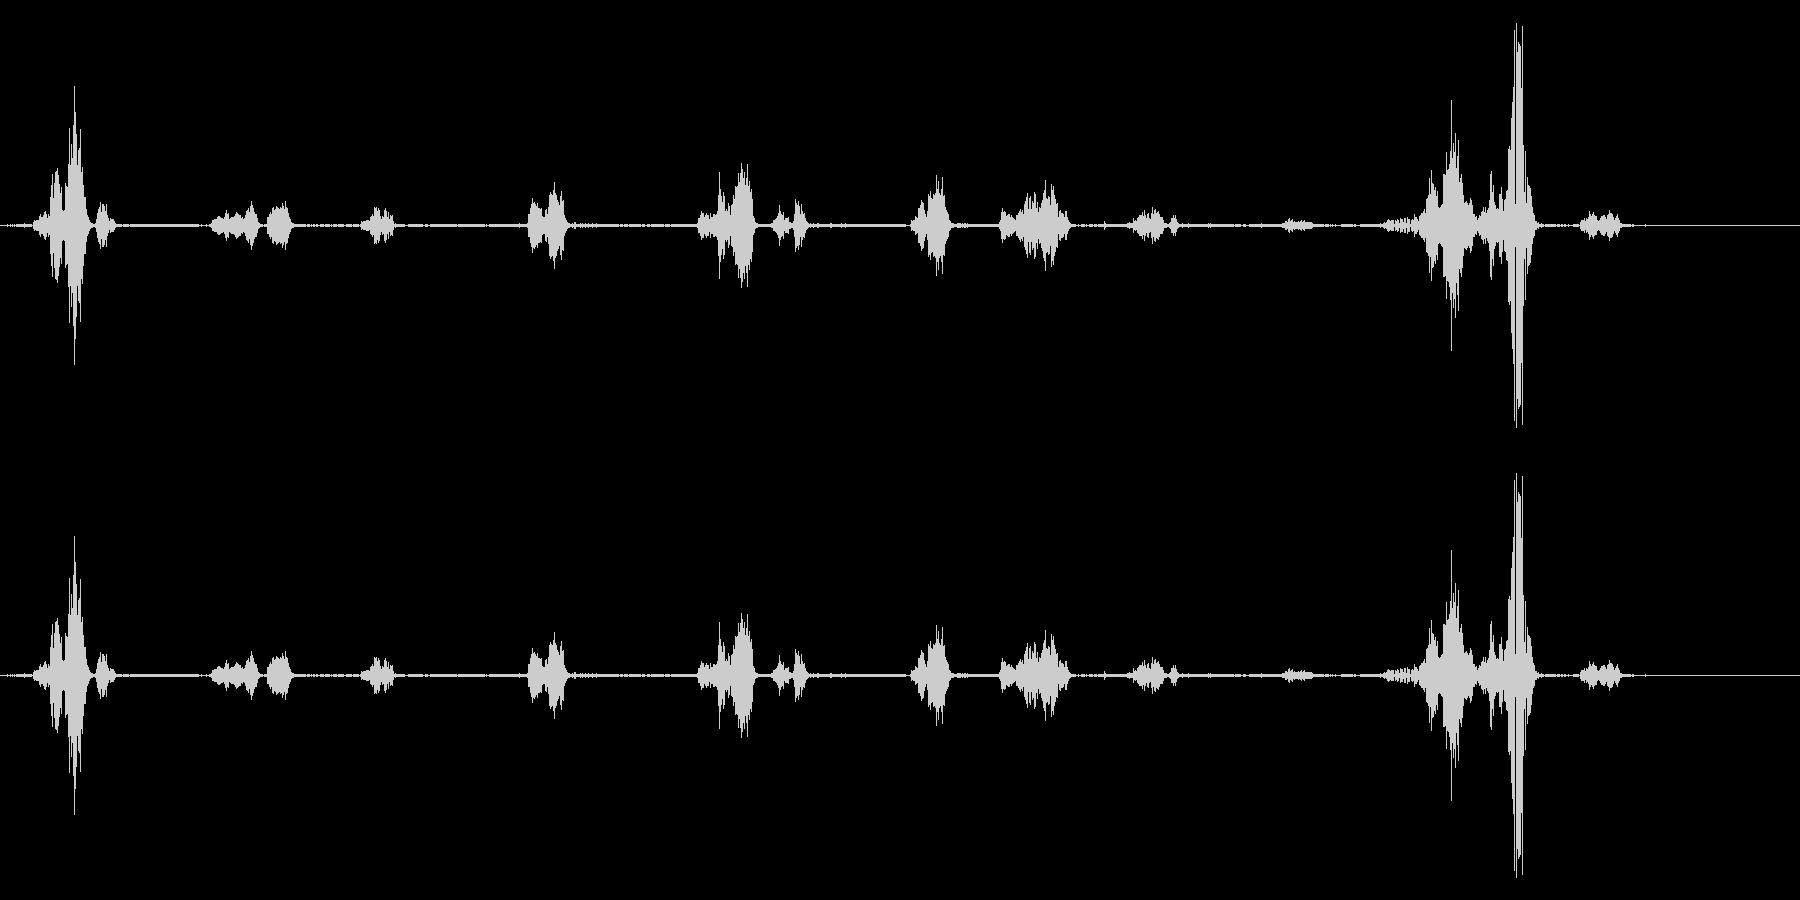 イルカ-屋内プール3の未再生の波形